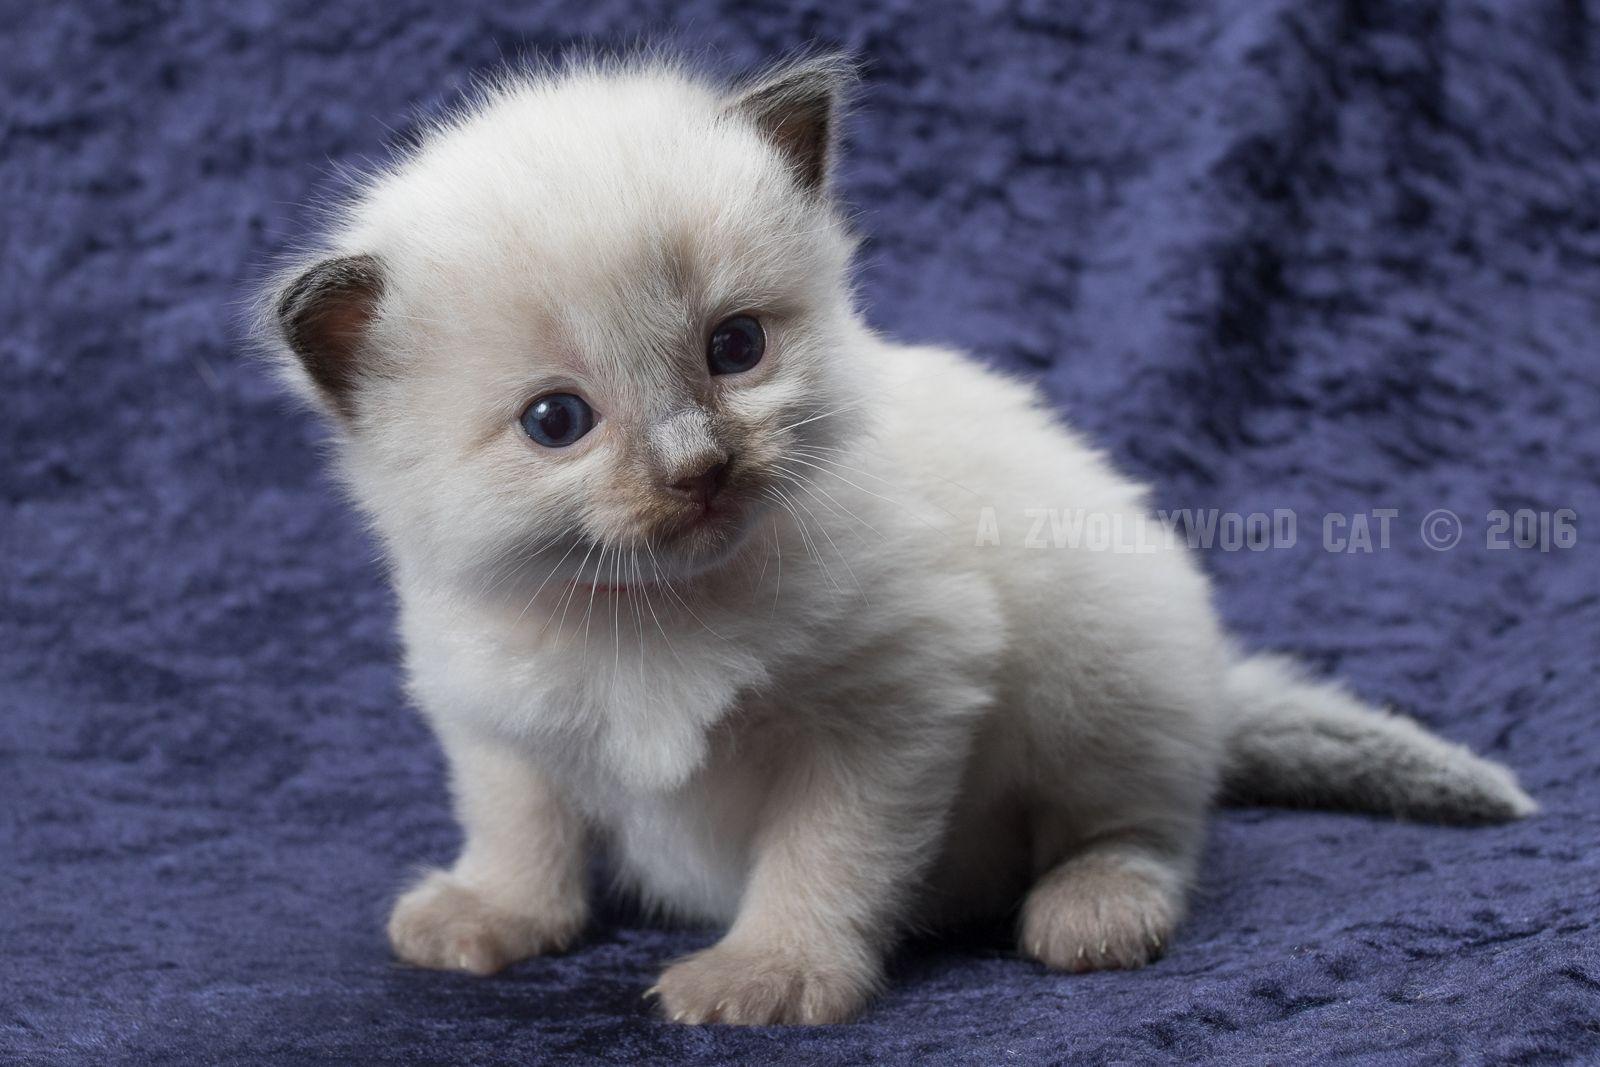 2016 Fred A Zwollywood Cat 3 Weeks Old Ragdoll Kitten Seal Colourpoint Flintstones Litter